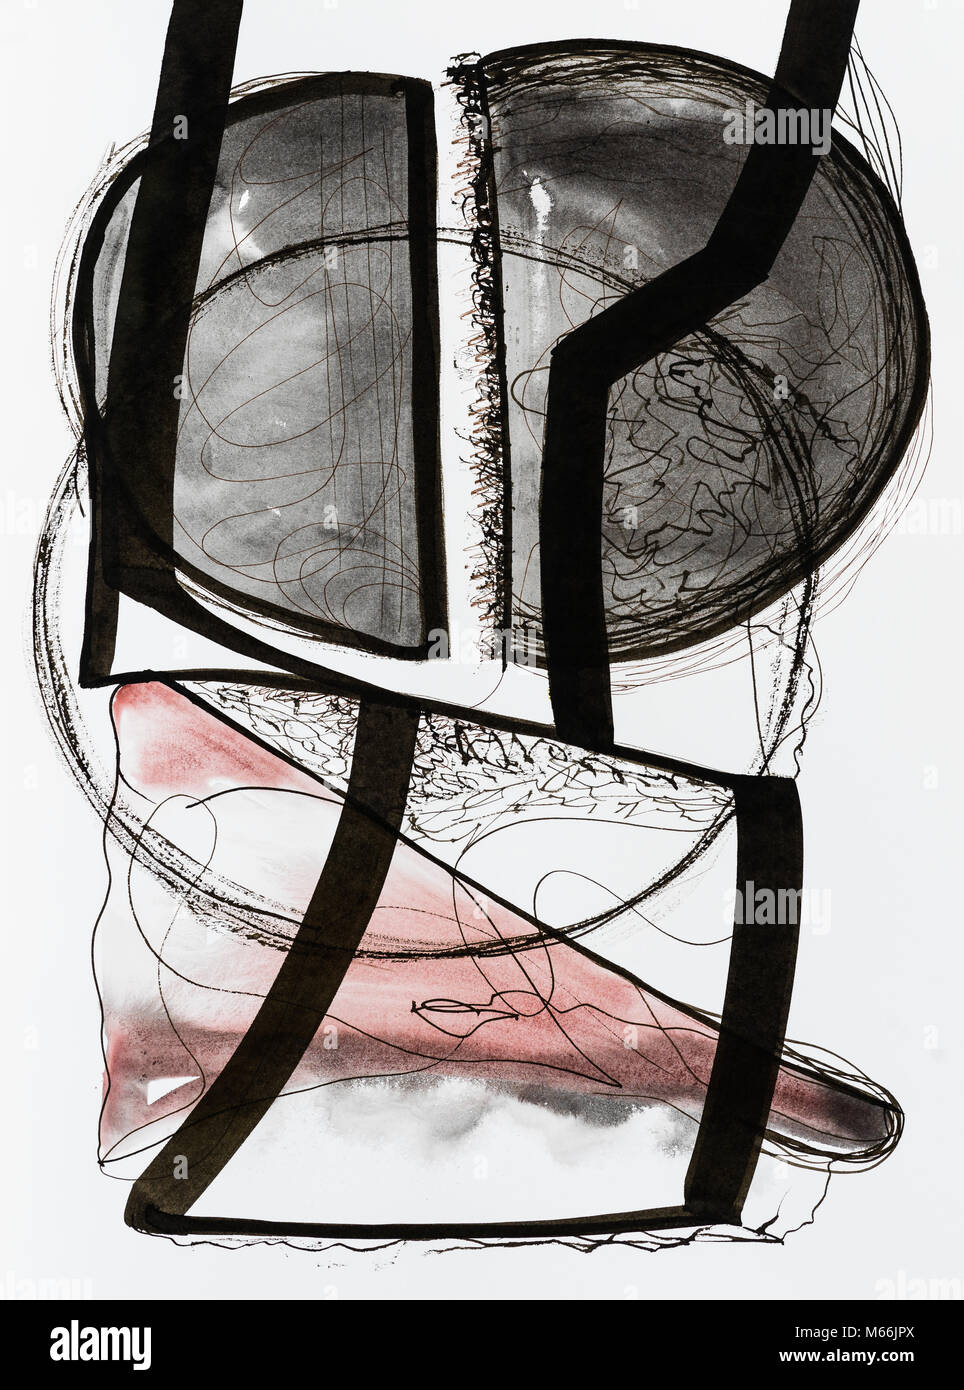 Un resumen de dibujo caligráfico. Imagen De Stock